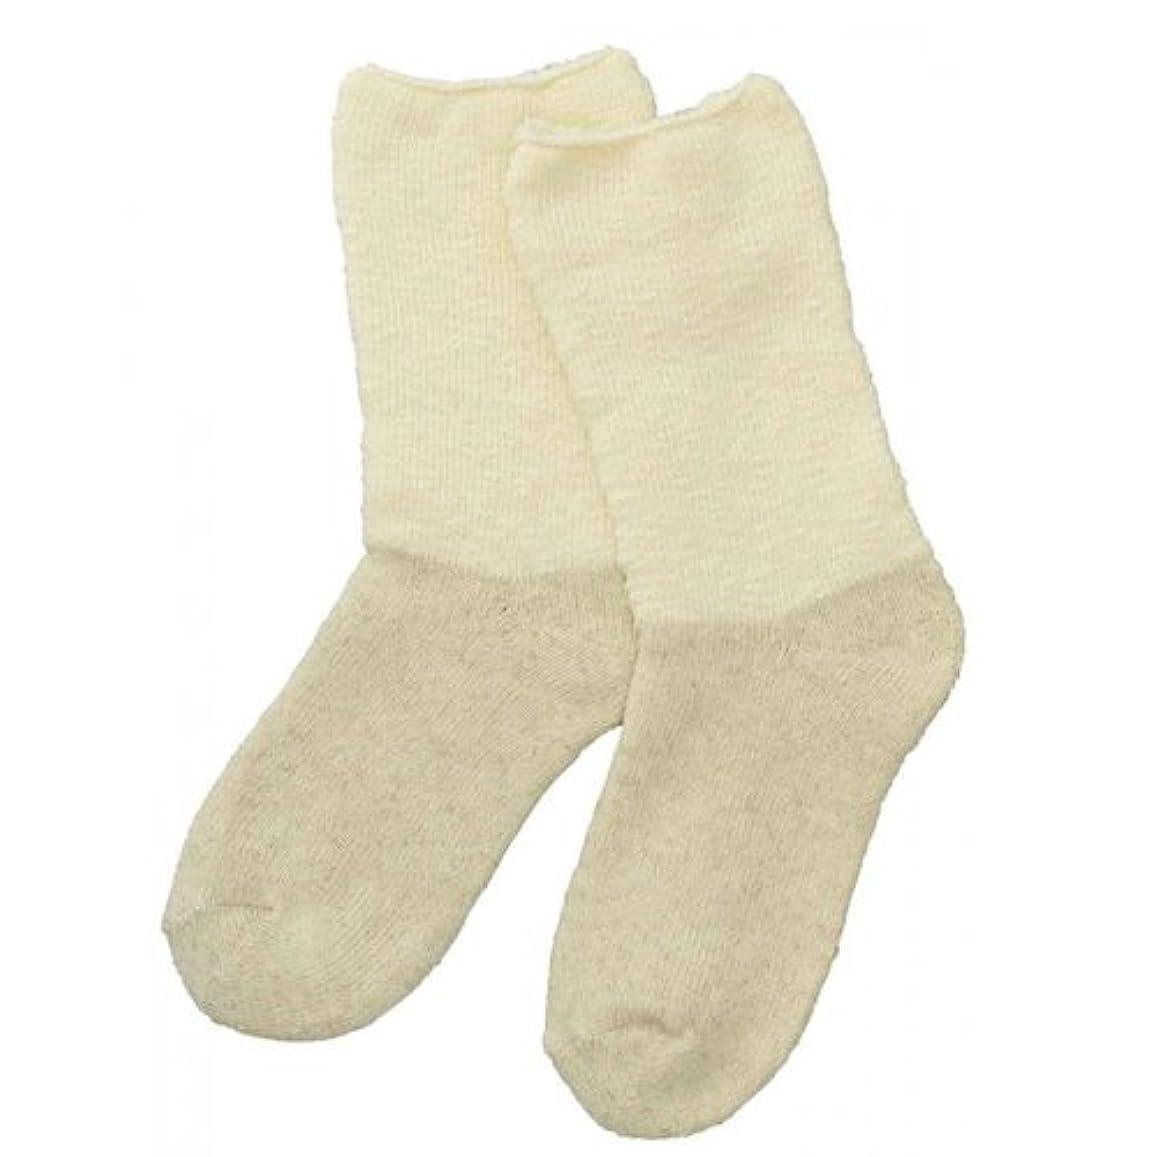 タック給料非アクティブCarelance(ケアランス)お風呂上りのやさしい靴下 綿麻パイルで足先さわやか 8706CA-31 クリーム